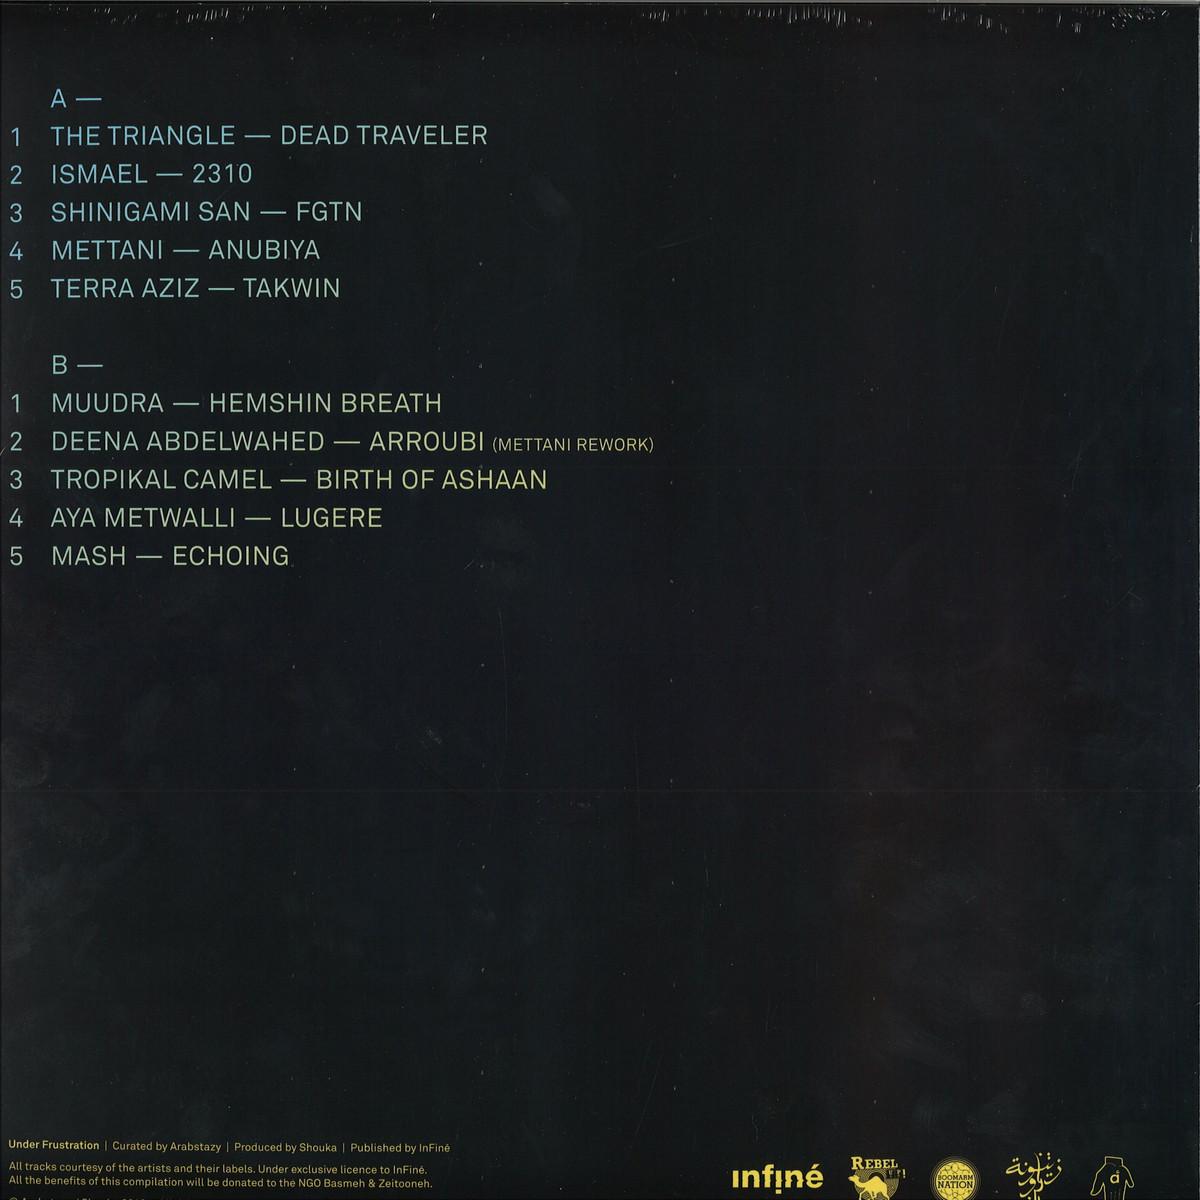 deejay de - Beats Offres spéciales